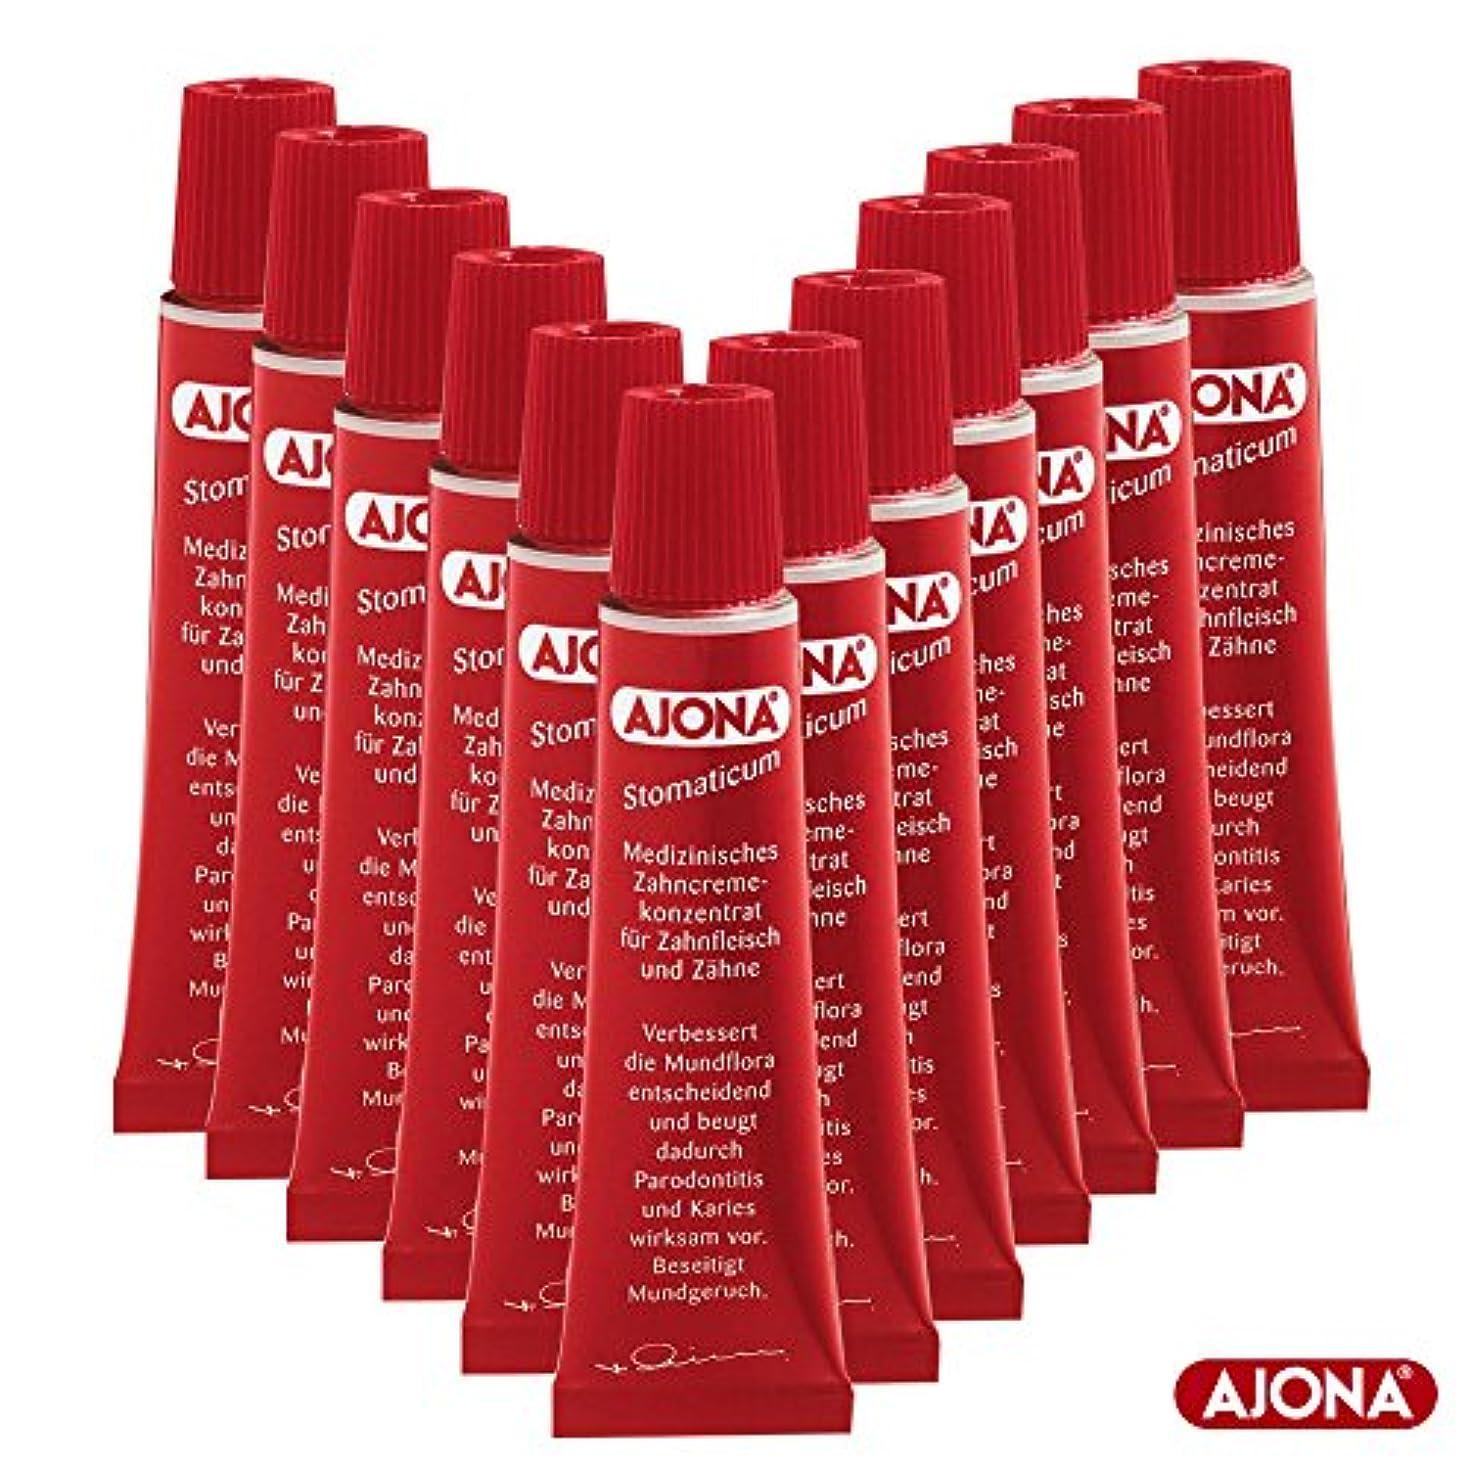 素敵な結婚した最後にAjona 濃縮歯磨き粉 Stomaticum Toothpaste 25ml(12x 25ml)-12Pack [並行輸入品]